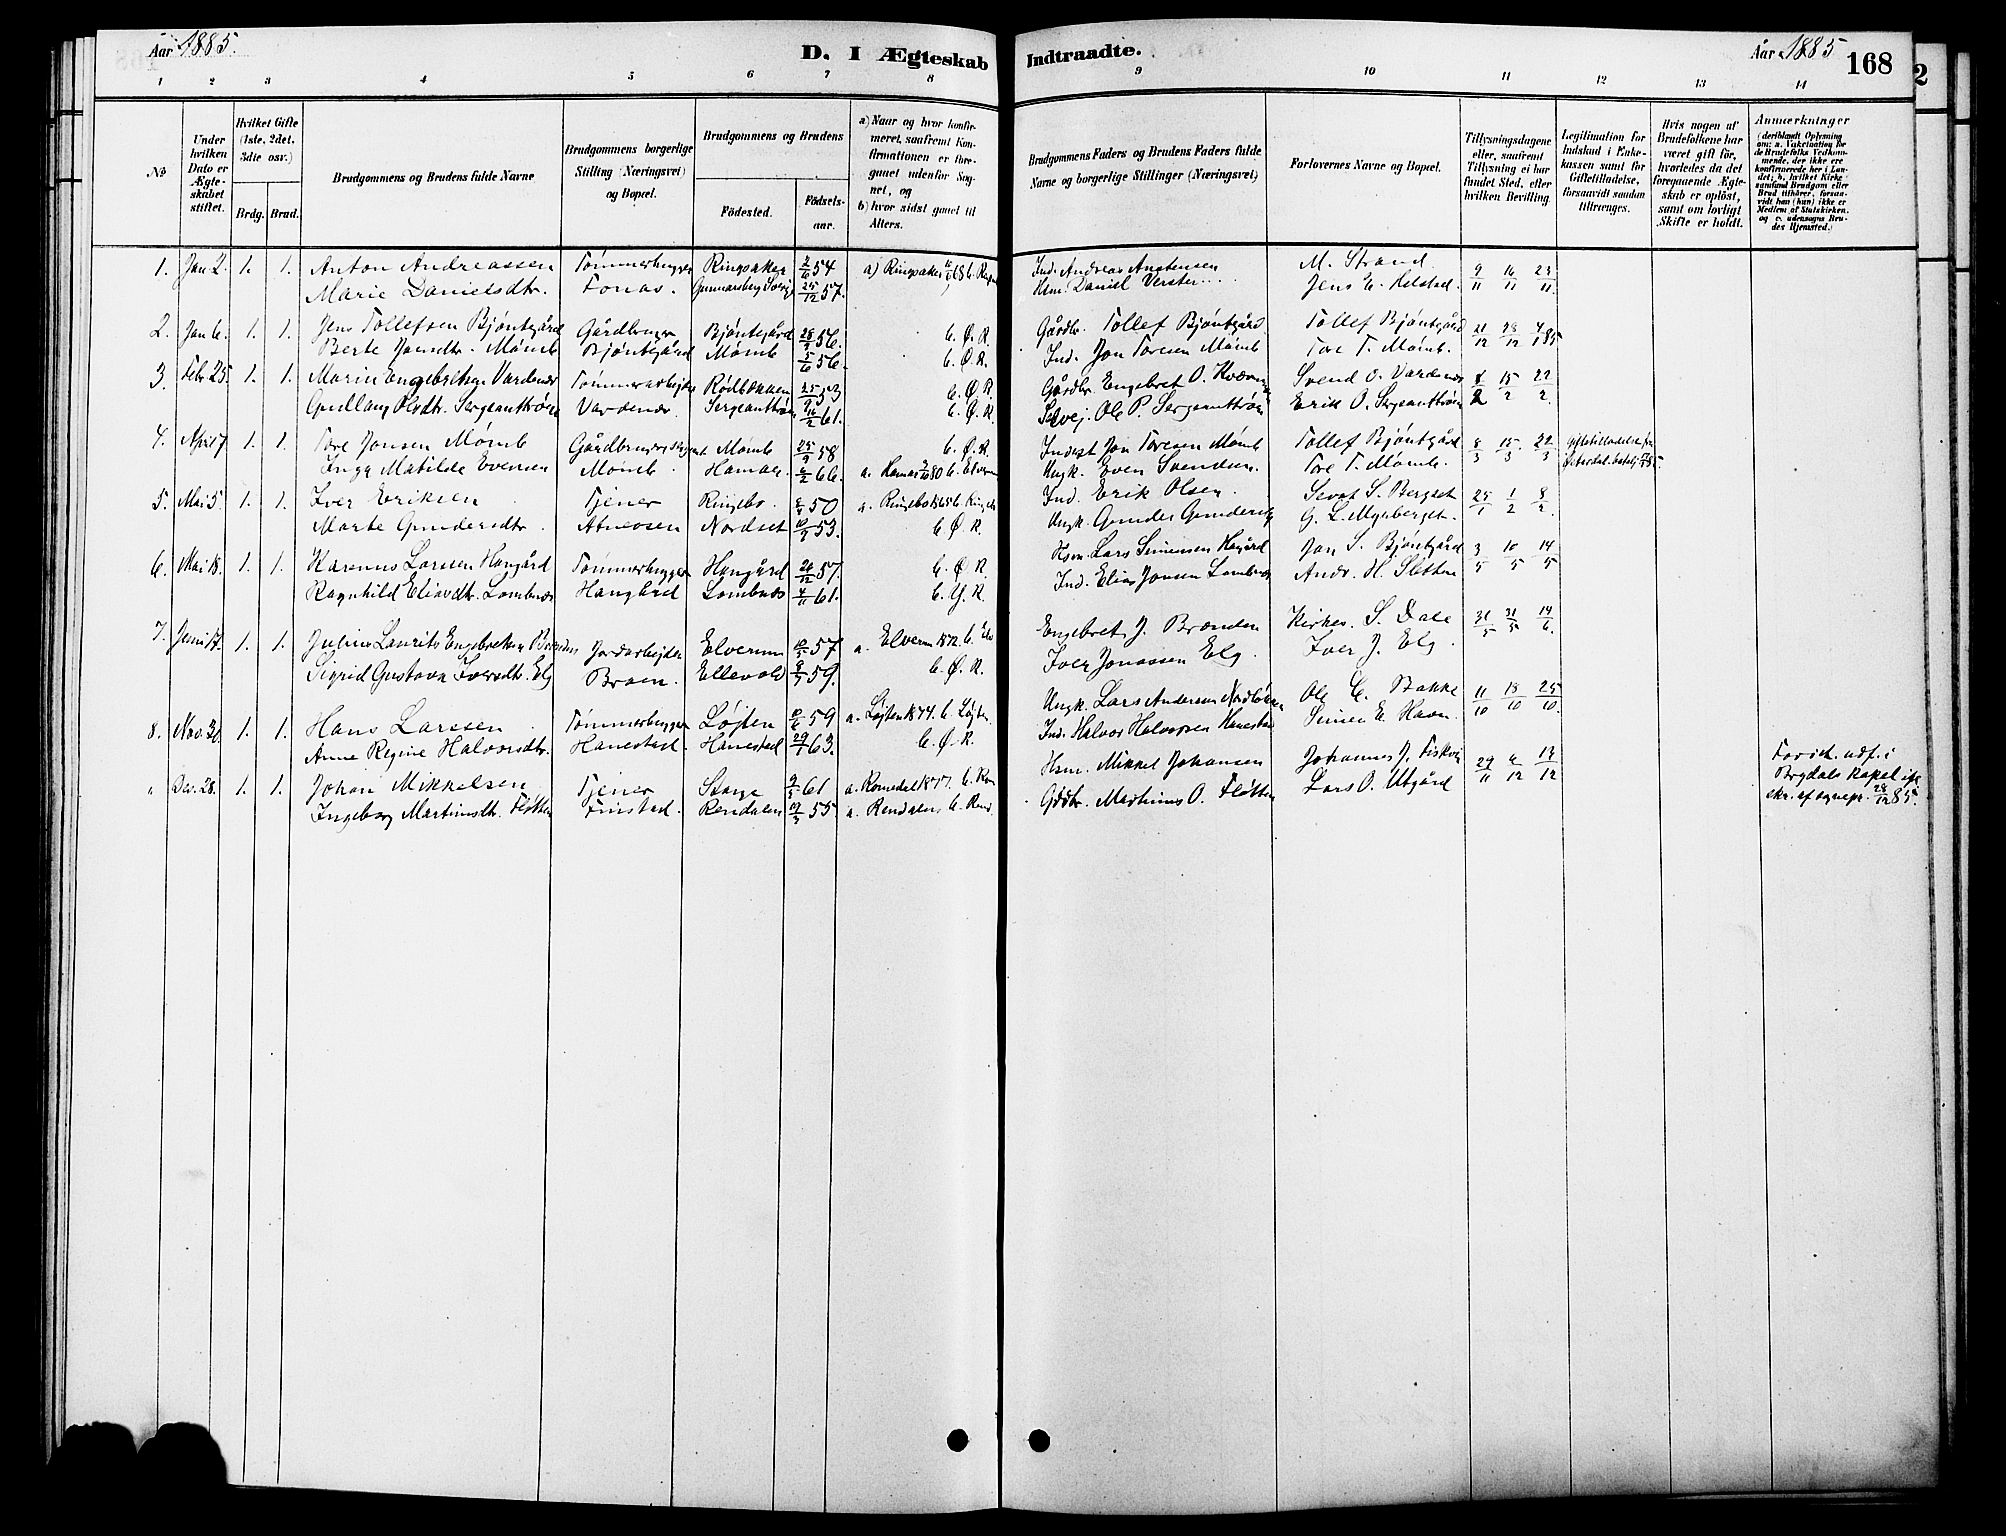 SAH, Rendalen prestekontor, H/Ha/Hab/L0003: Klokkerbok nr. 3, 1879-1904, s. 168